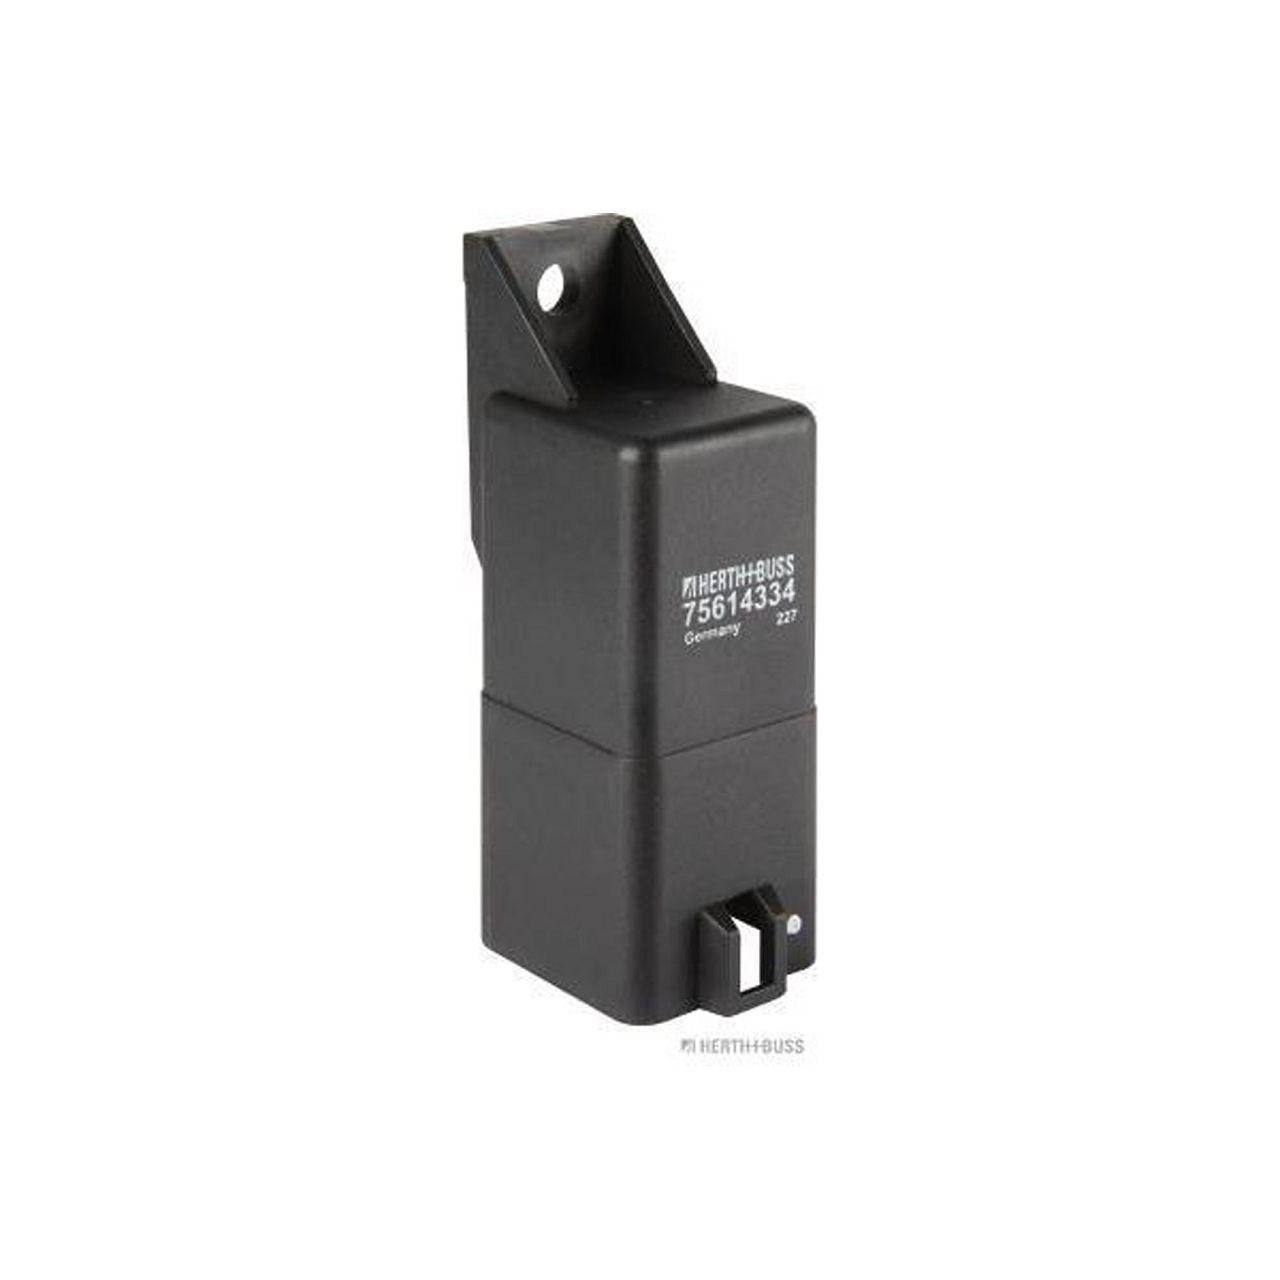 HERTH+BUSS ELPARTS Steuergerät Glühzeit für VOLVO S60 I V70 II XC70 XC90 I 2.4D